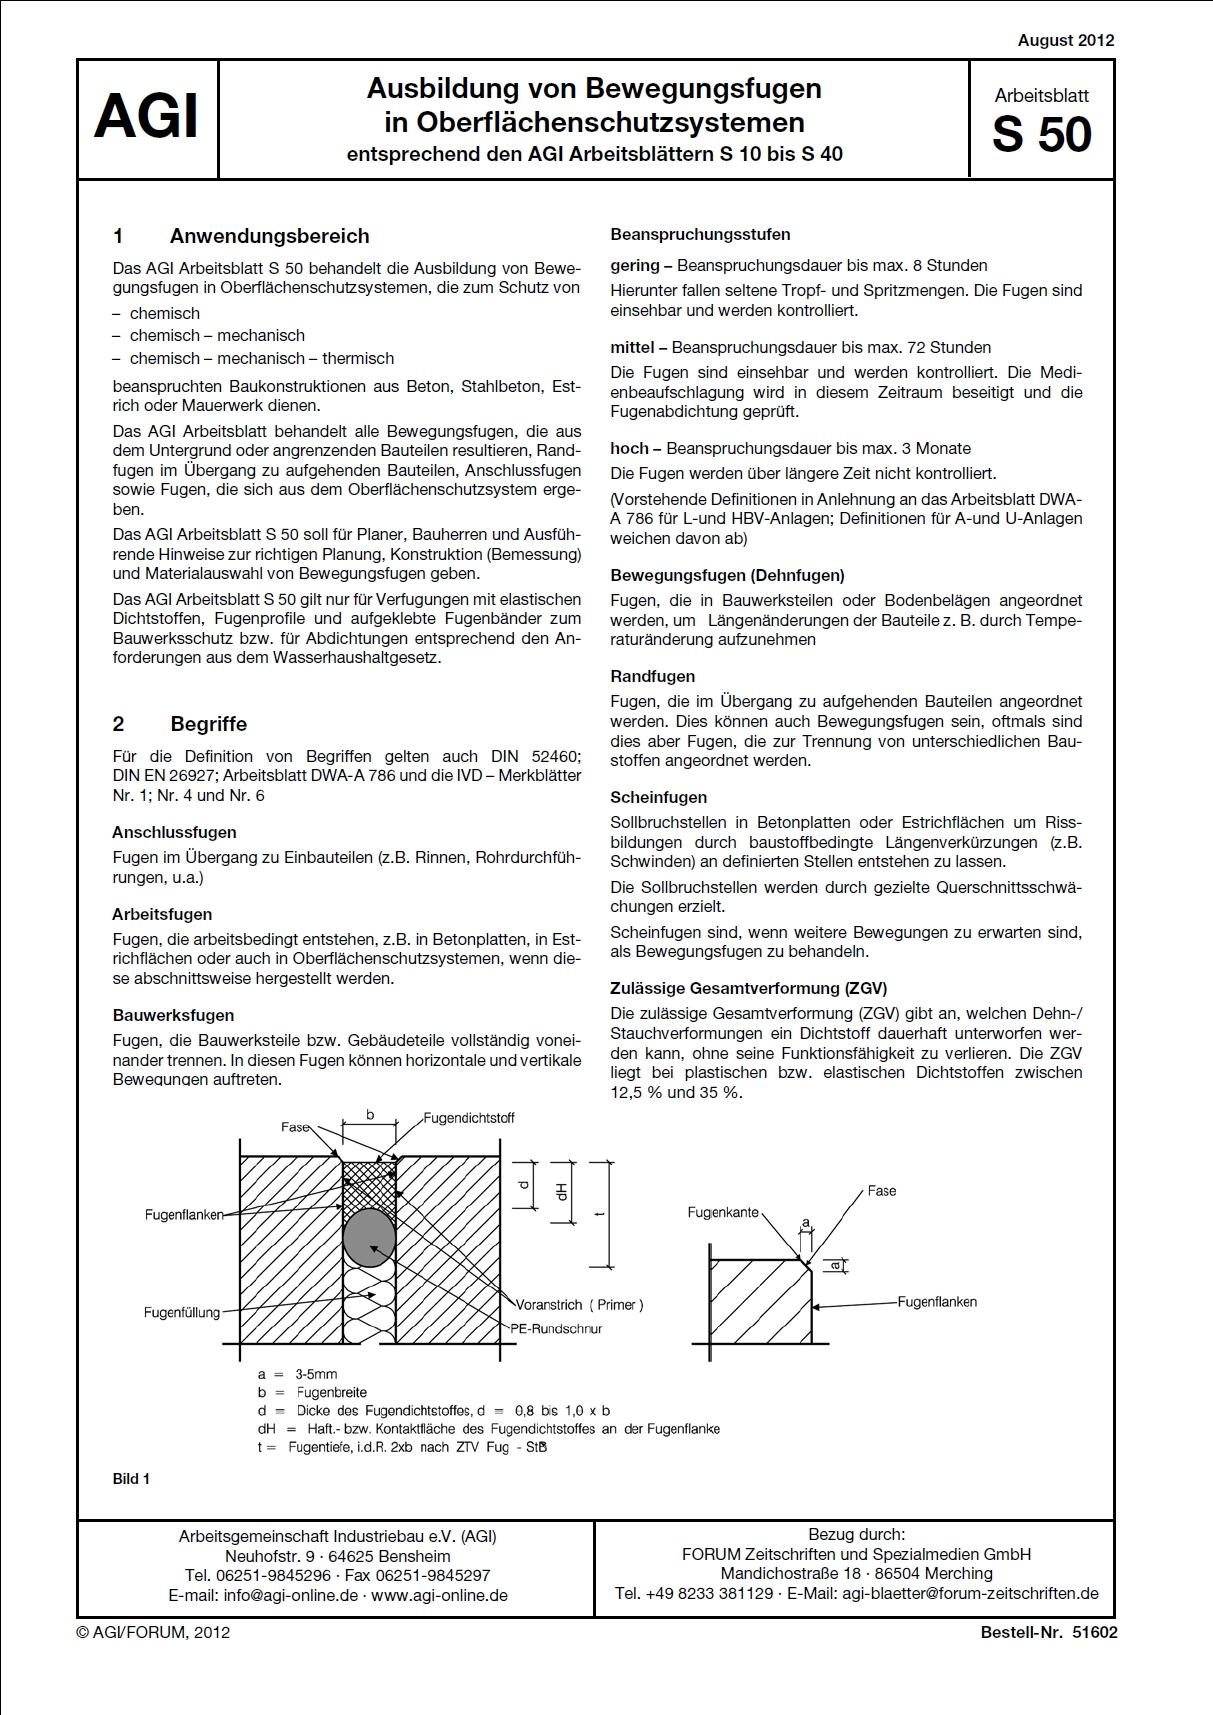 AGI-S50 Arbeitsblatt | Immobilien Fachliteratur